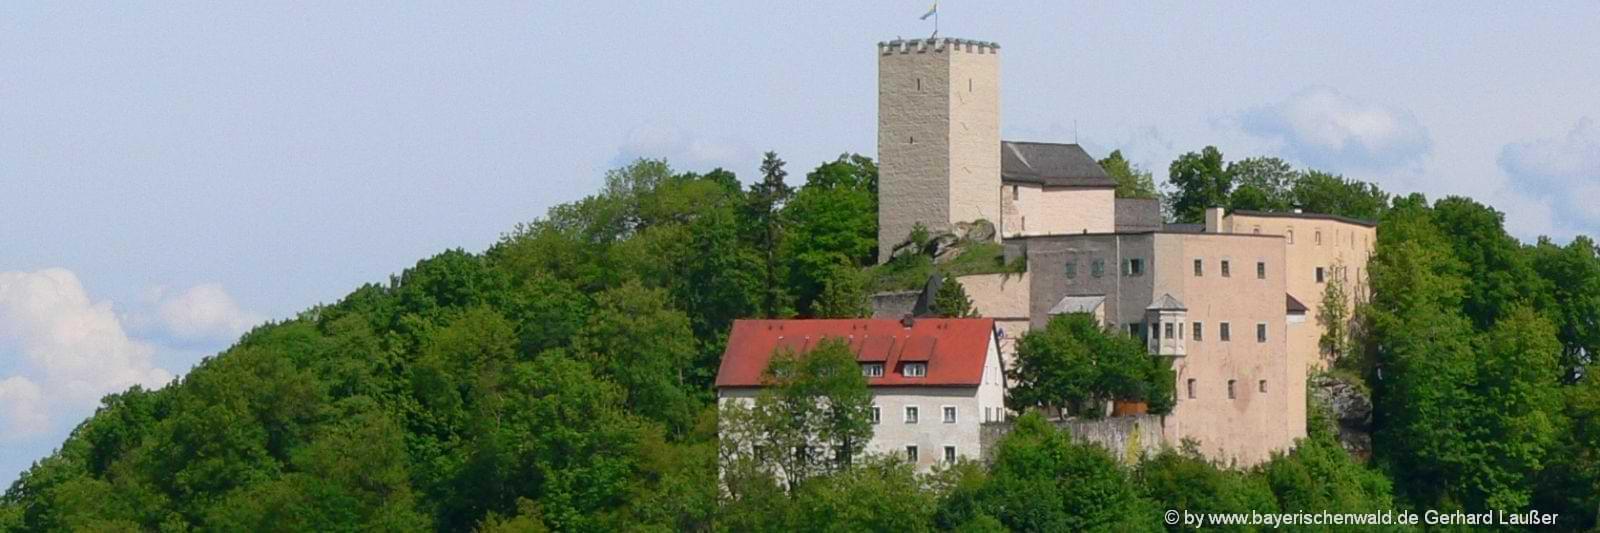 Tagesausflug Bayerischer Wald Oberpfalz und Niederbayern